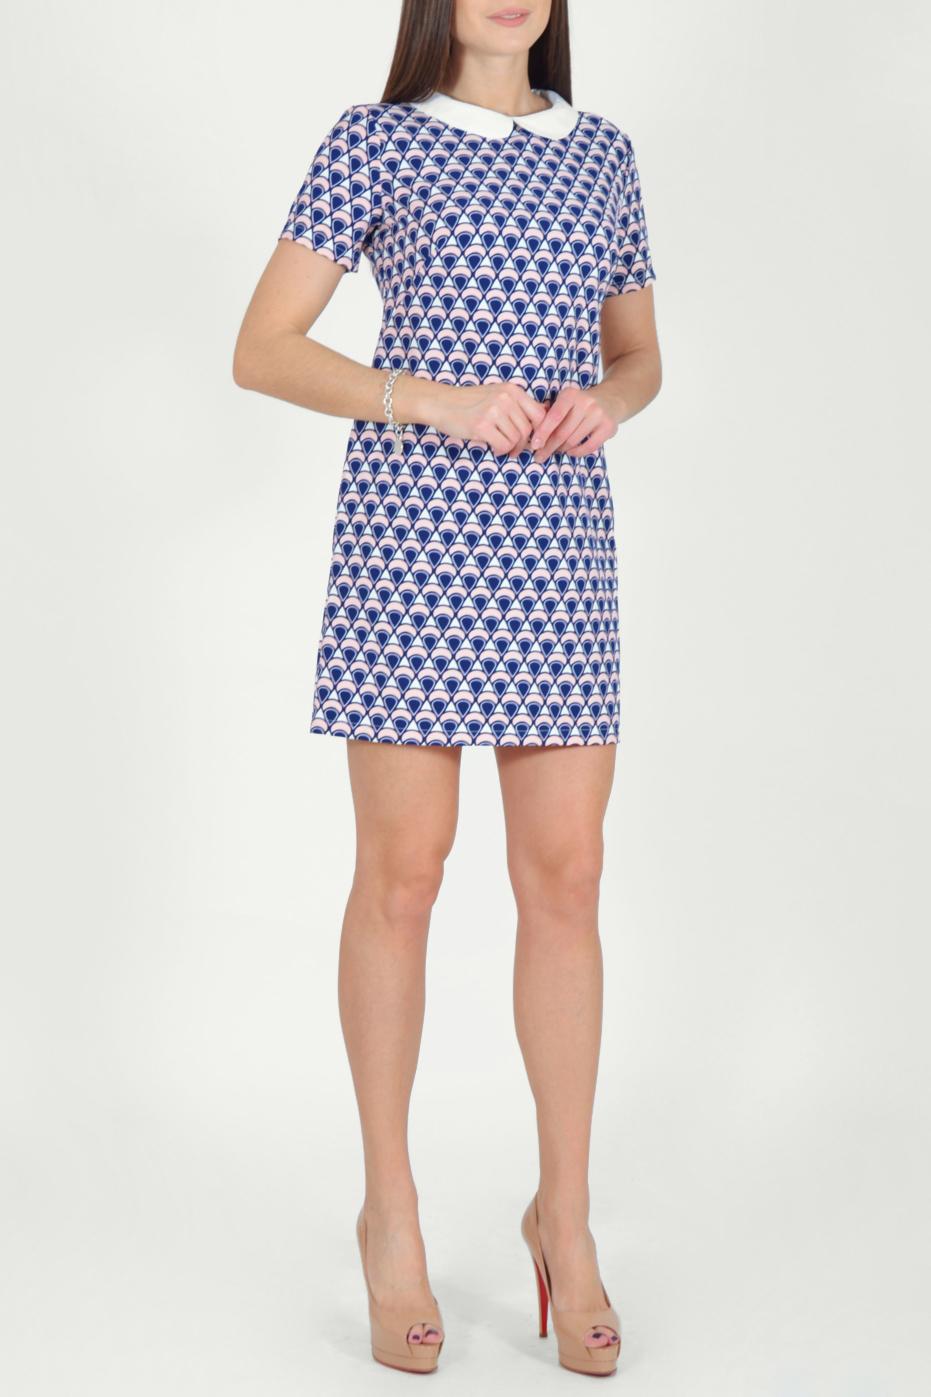 ПлатьеПлатья<br>Цветное платье с контрастным воротничком и короткими рукавами. Модель выполнена из мягкой вискозы. Отличный выбор для повседневного гардероба.  Длина изделия по спинке до 48 размера - 85 см., от 48 размера - 93 см.  В изделии использованы цвета: синий, белый и др.  Рост девушки-фотомодели 170 см.  Параметры размеров: 42 размер - обхват груди 84 см., обхват талии 66 см., обхват бедер 92 см. 44 размер - обхват груди 88 см., обхват талии 70 см., обхват бедер 96 см. 46 размер - обхват груди 92 см., обхват талии 74 см., обхват бедер 100 см. 48 размер - обхват груди 96 см., обхват талии 78 см., обхват бедер 104 см. 50 размер - обхват груди 100 см., обхват талии 82 см., обхват бедер 108 см. 52 размер - обхват груди 104 см., обхват талии 86 см., обхват бедер 112 см. 54 размер - обхват груди 108 см., обхват талии 91 см., обхват бедер 116 см. 56 размер - обхват груди 112 см., обхват талии 95 см., обхват бедер 120 см. 58 размер - обхват груди 116 см., обхват талии 100 см., обхват бедер 124 см. 60 размер - обхват груди 120 см., обхват талии 105 см., обхват бедер 128 см.<br><br>Воротник: Отложной<br>По длине: До колена,Мини<br>По материалу: Тканевые<br>По рисунку: С принтом,Цветные<br>По силуэту: Полуприталенные<br>По стилю: Повседневный стиль<br>По форме: Платье - футляр<br>По элементам: С воротником<br>Рукав: Короткий рукав<br>По сезону: Осень,Весна<br>Размер : 44,46,48,50,52<br>Материал: Плательная ткань<br>Количество в наличии: 9